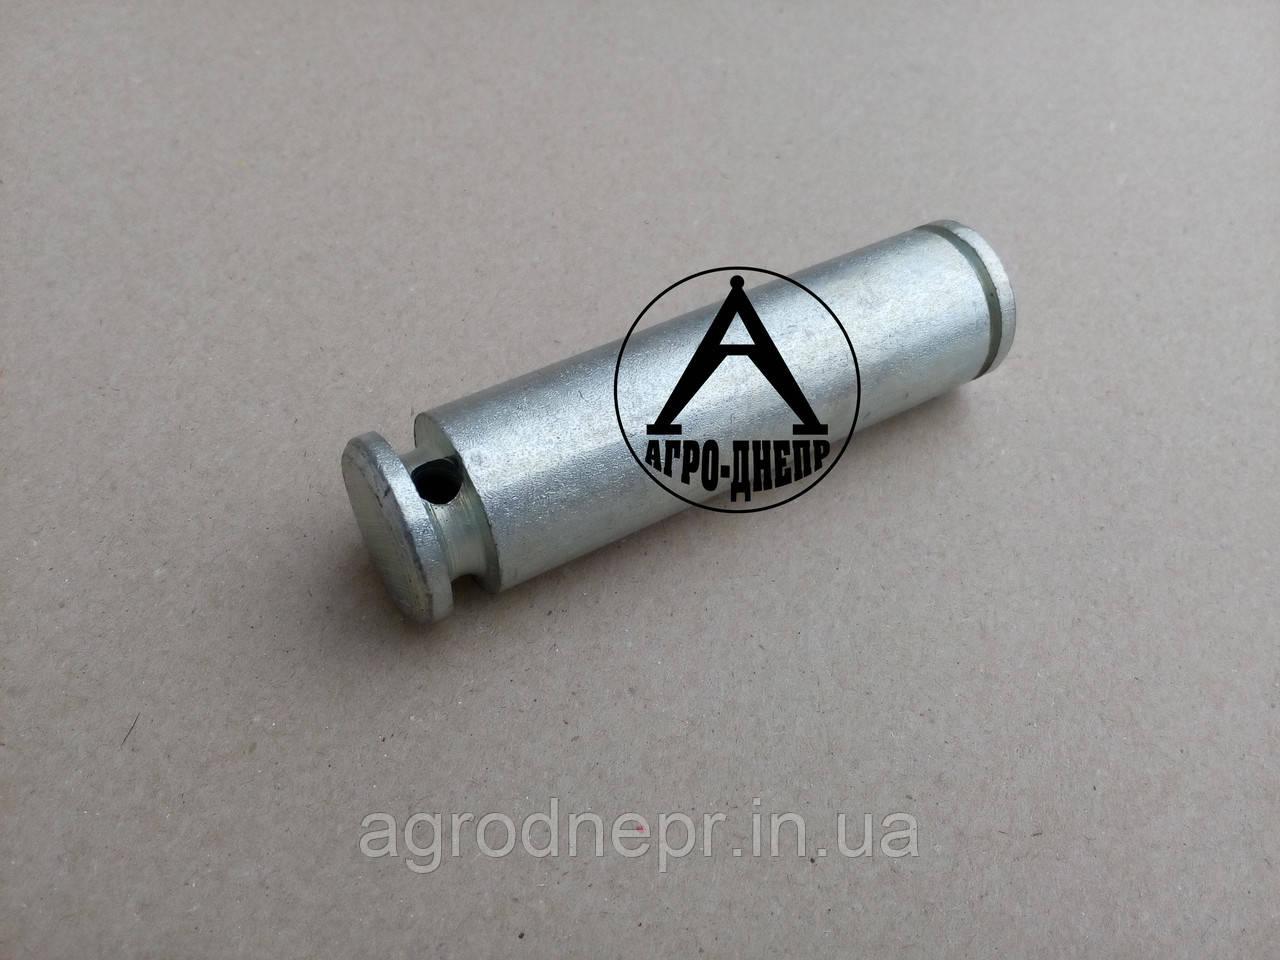 Палец гидроцилиндра навески МТЗ Ц90-1212037М